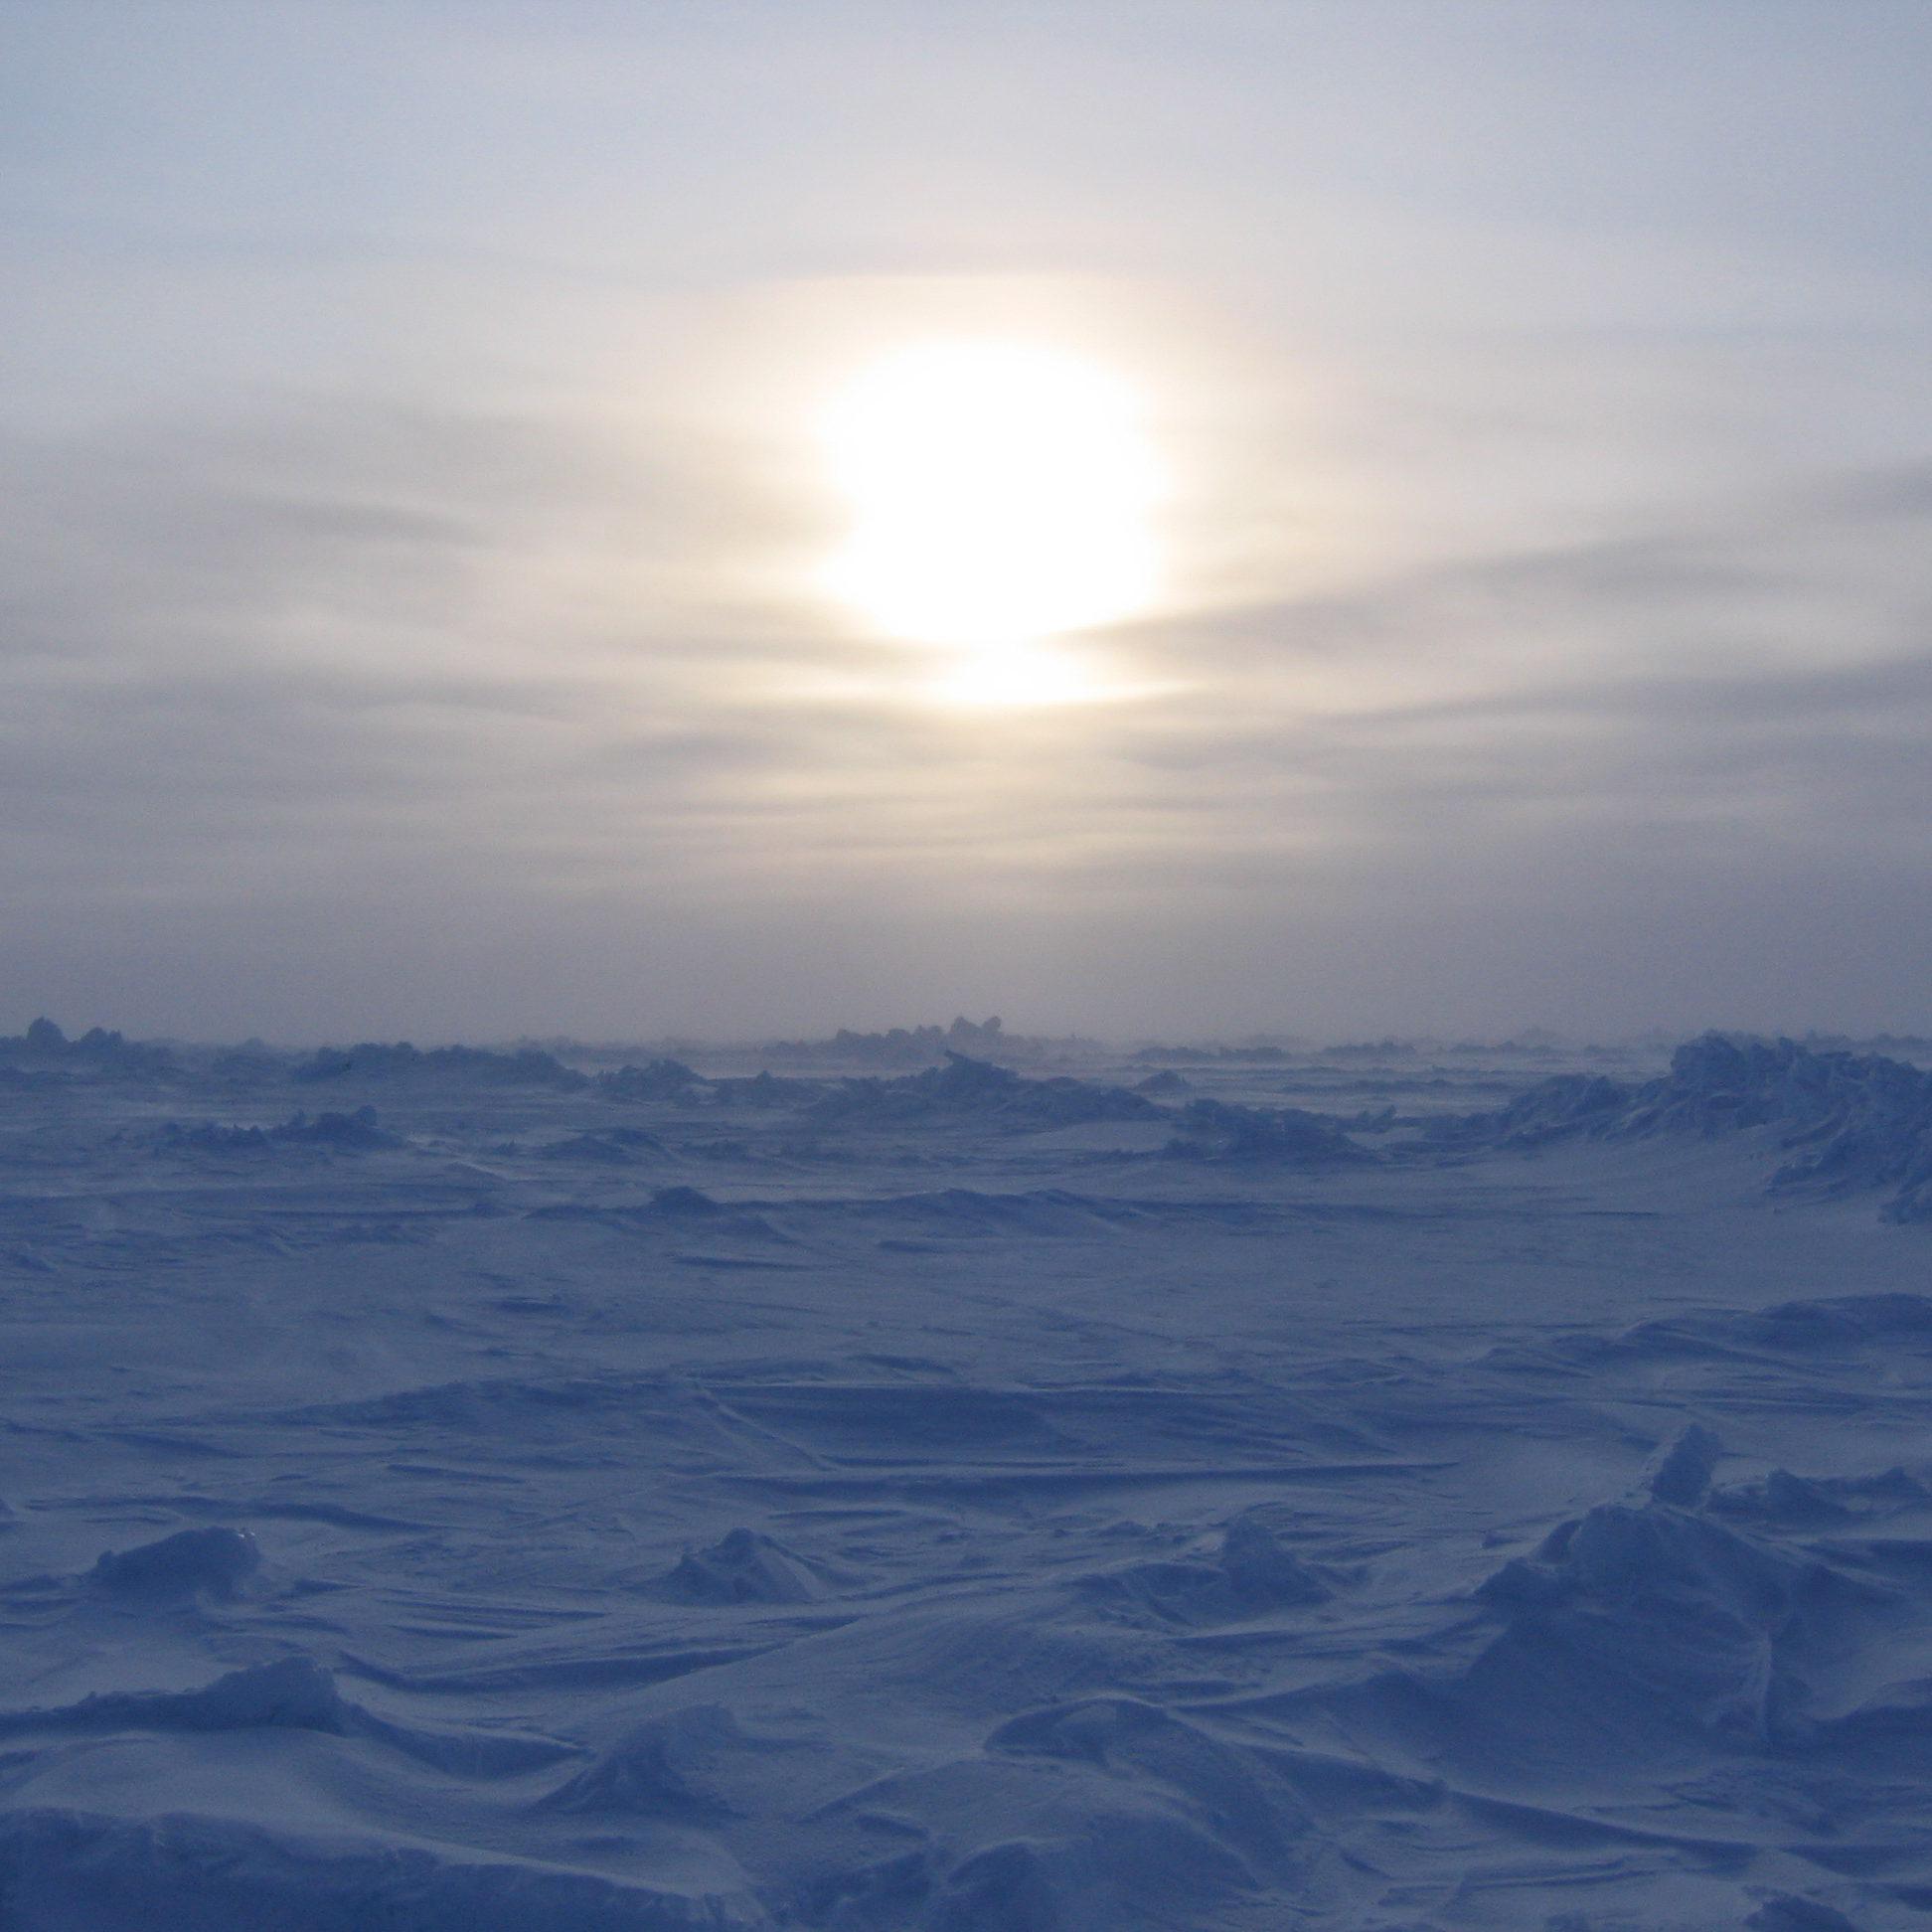 Meagan_McGrath-North_Pole